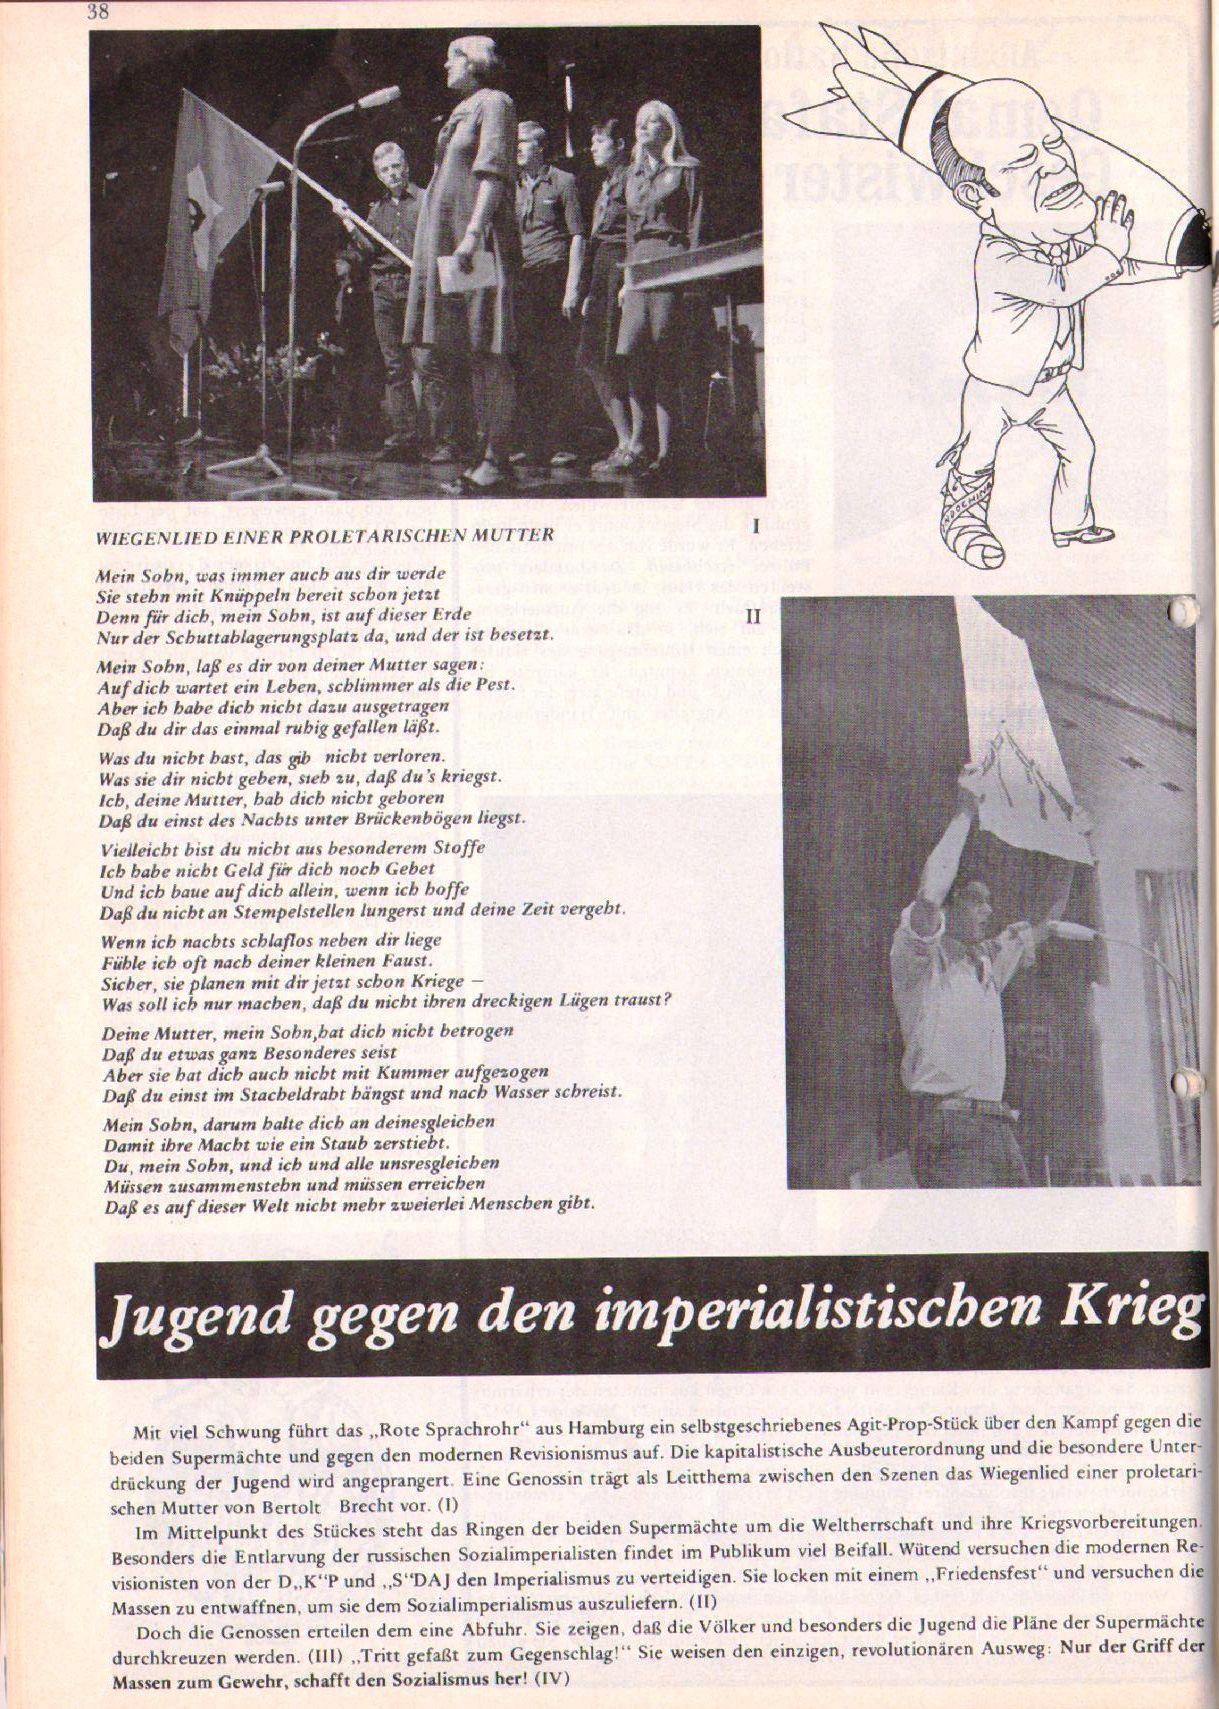 RGZ_1975_06_Sondernummer_36